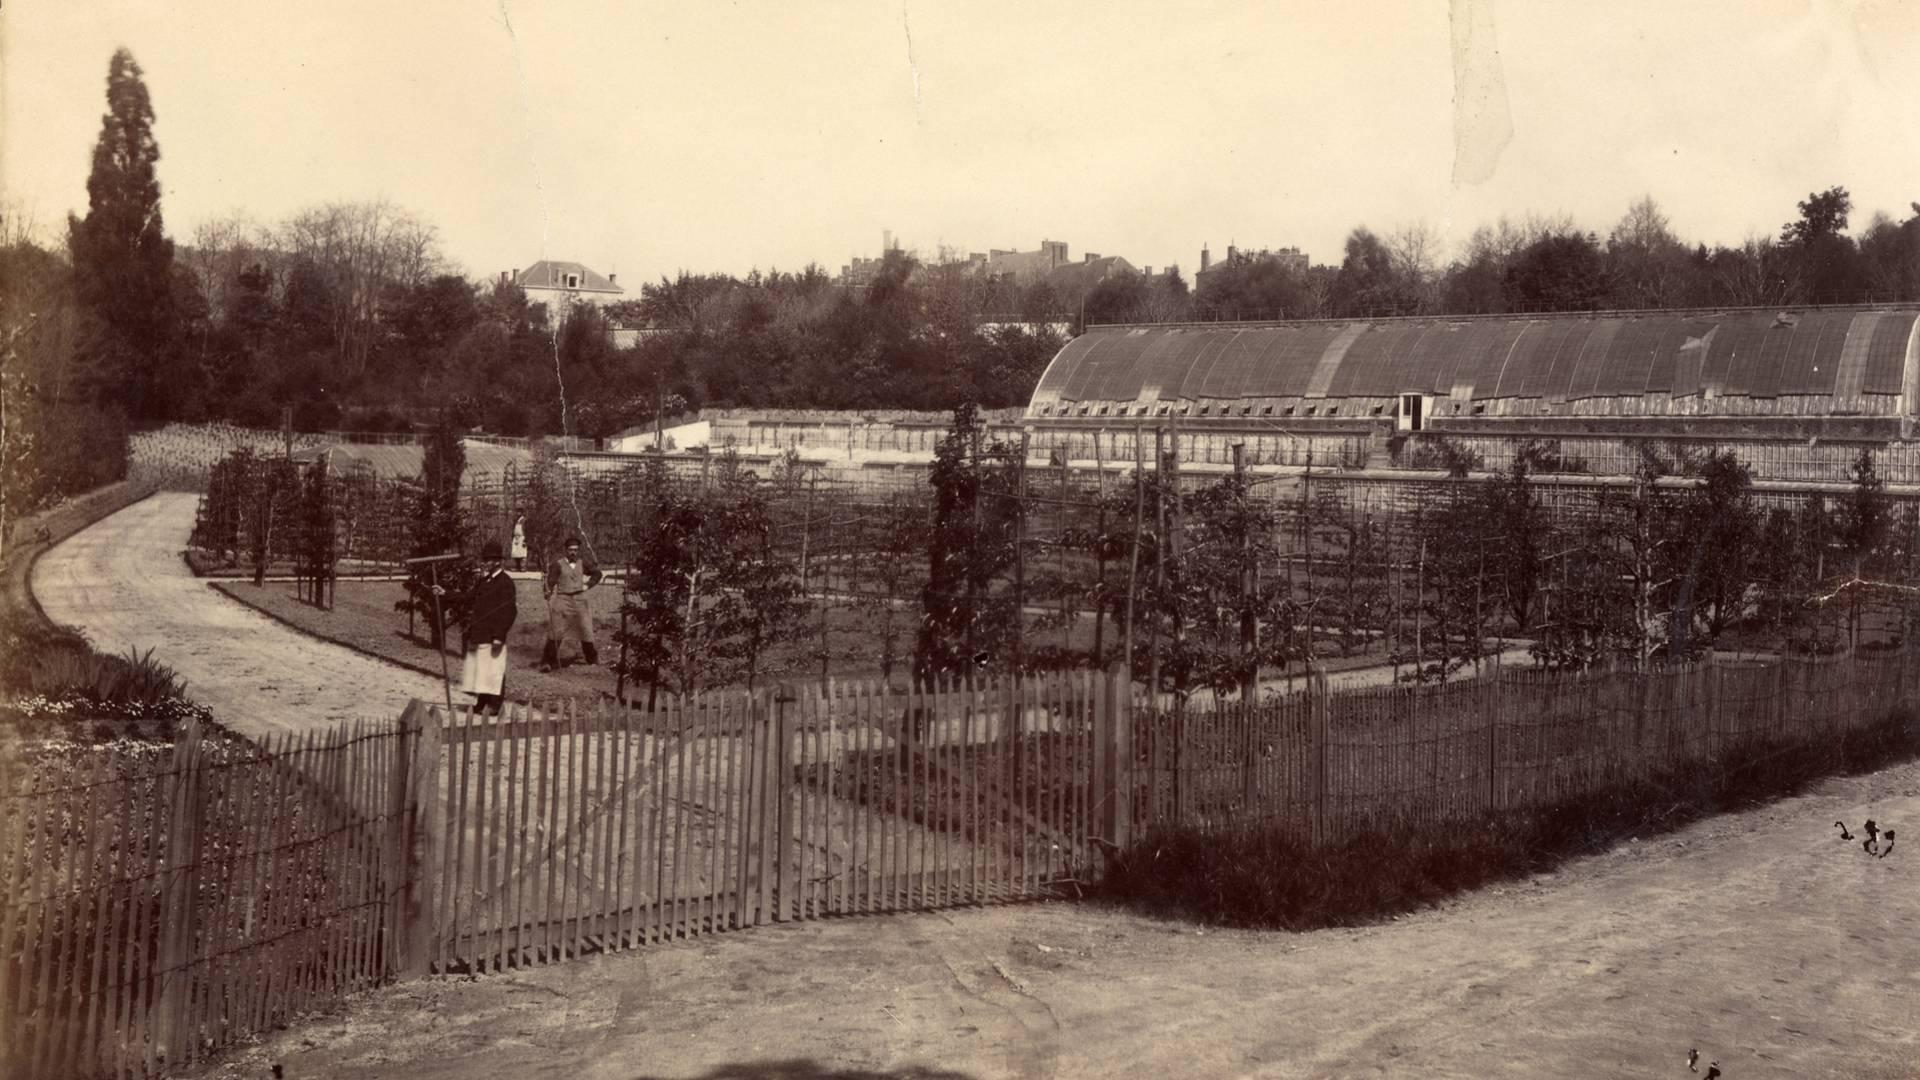 Les anciennes serres du parc de la Verrerie, en 1881. © CUCM, document Écomusée, reproduction D. Busseuil.